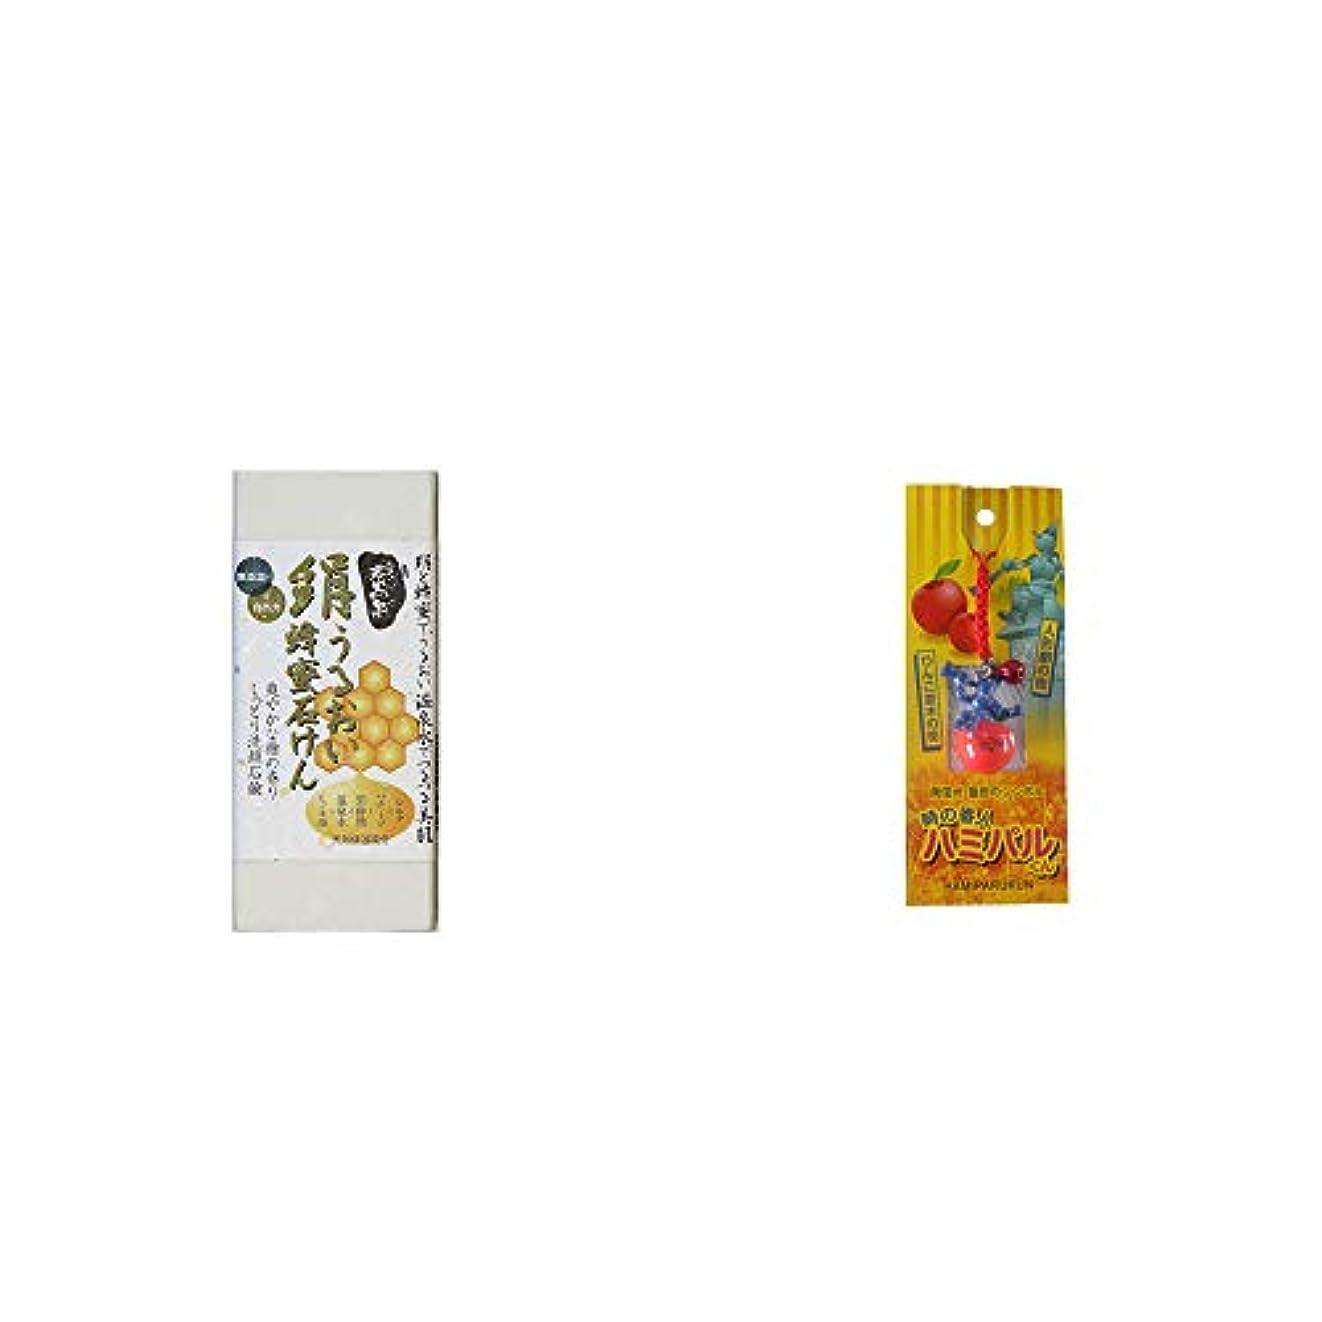 地図奨励記憶[2点セット] ひのき炭黒泉 絹うるおい蜂蜜石けん(75g×2)?信州?飯田のシンボル 時の番人ハミパルくんストラップ